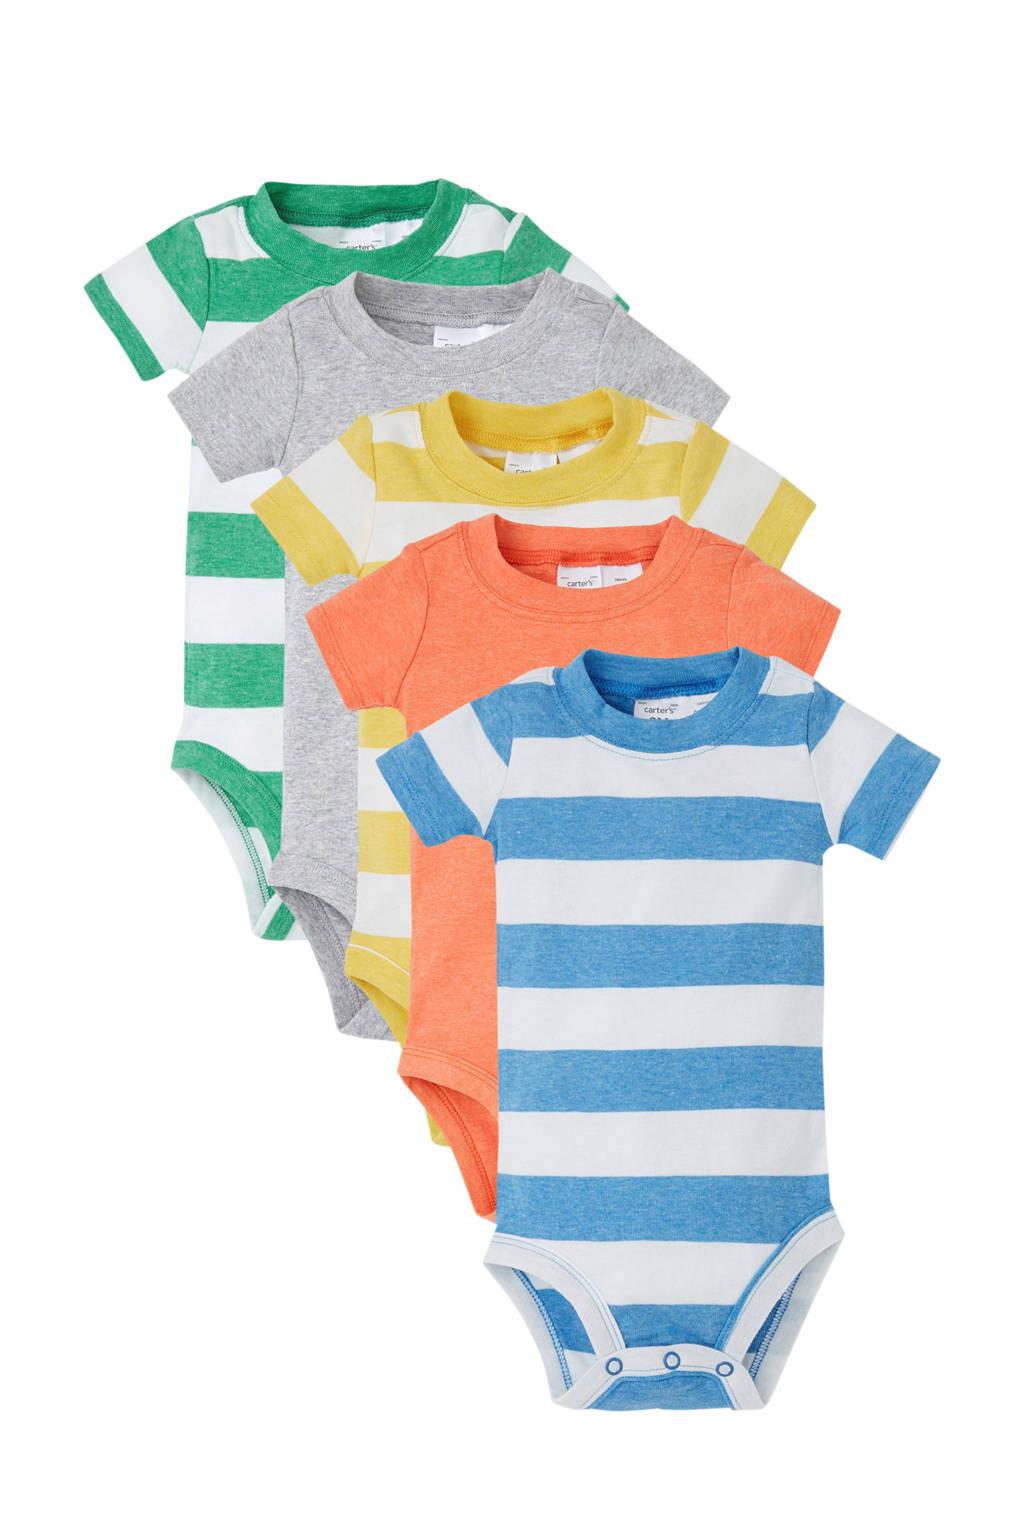 Carter's newborn baby romper, Groen/geel/oranje/blauw